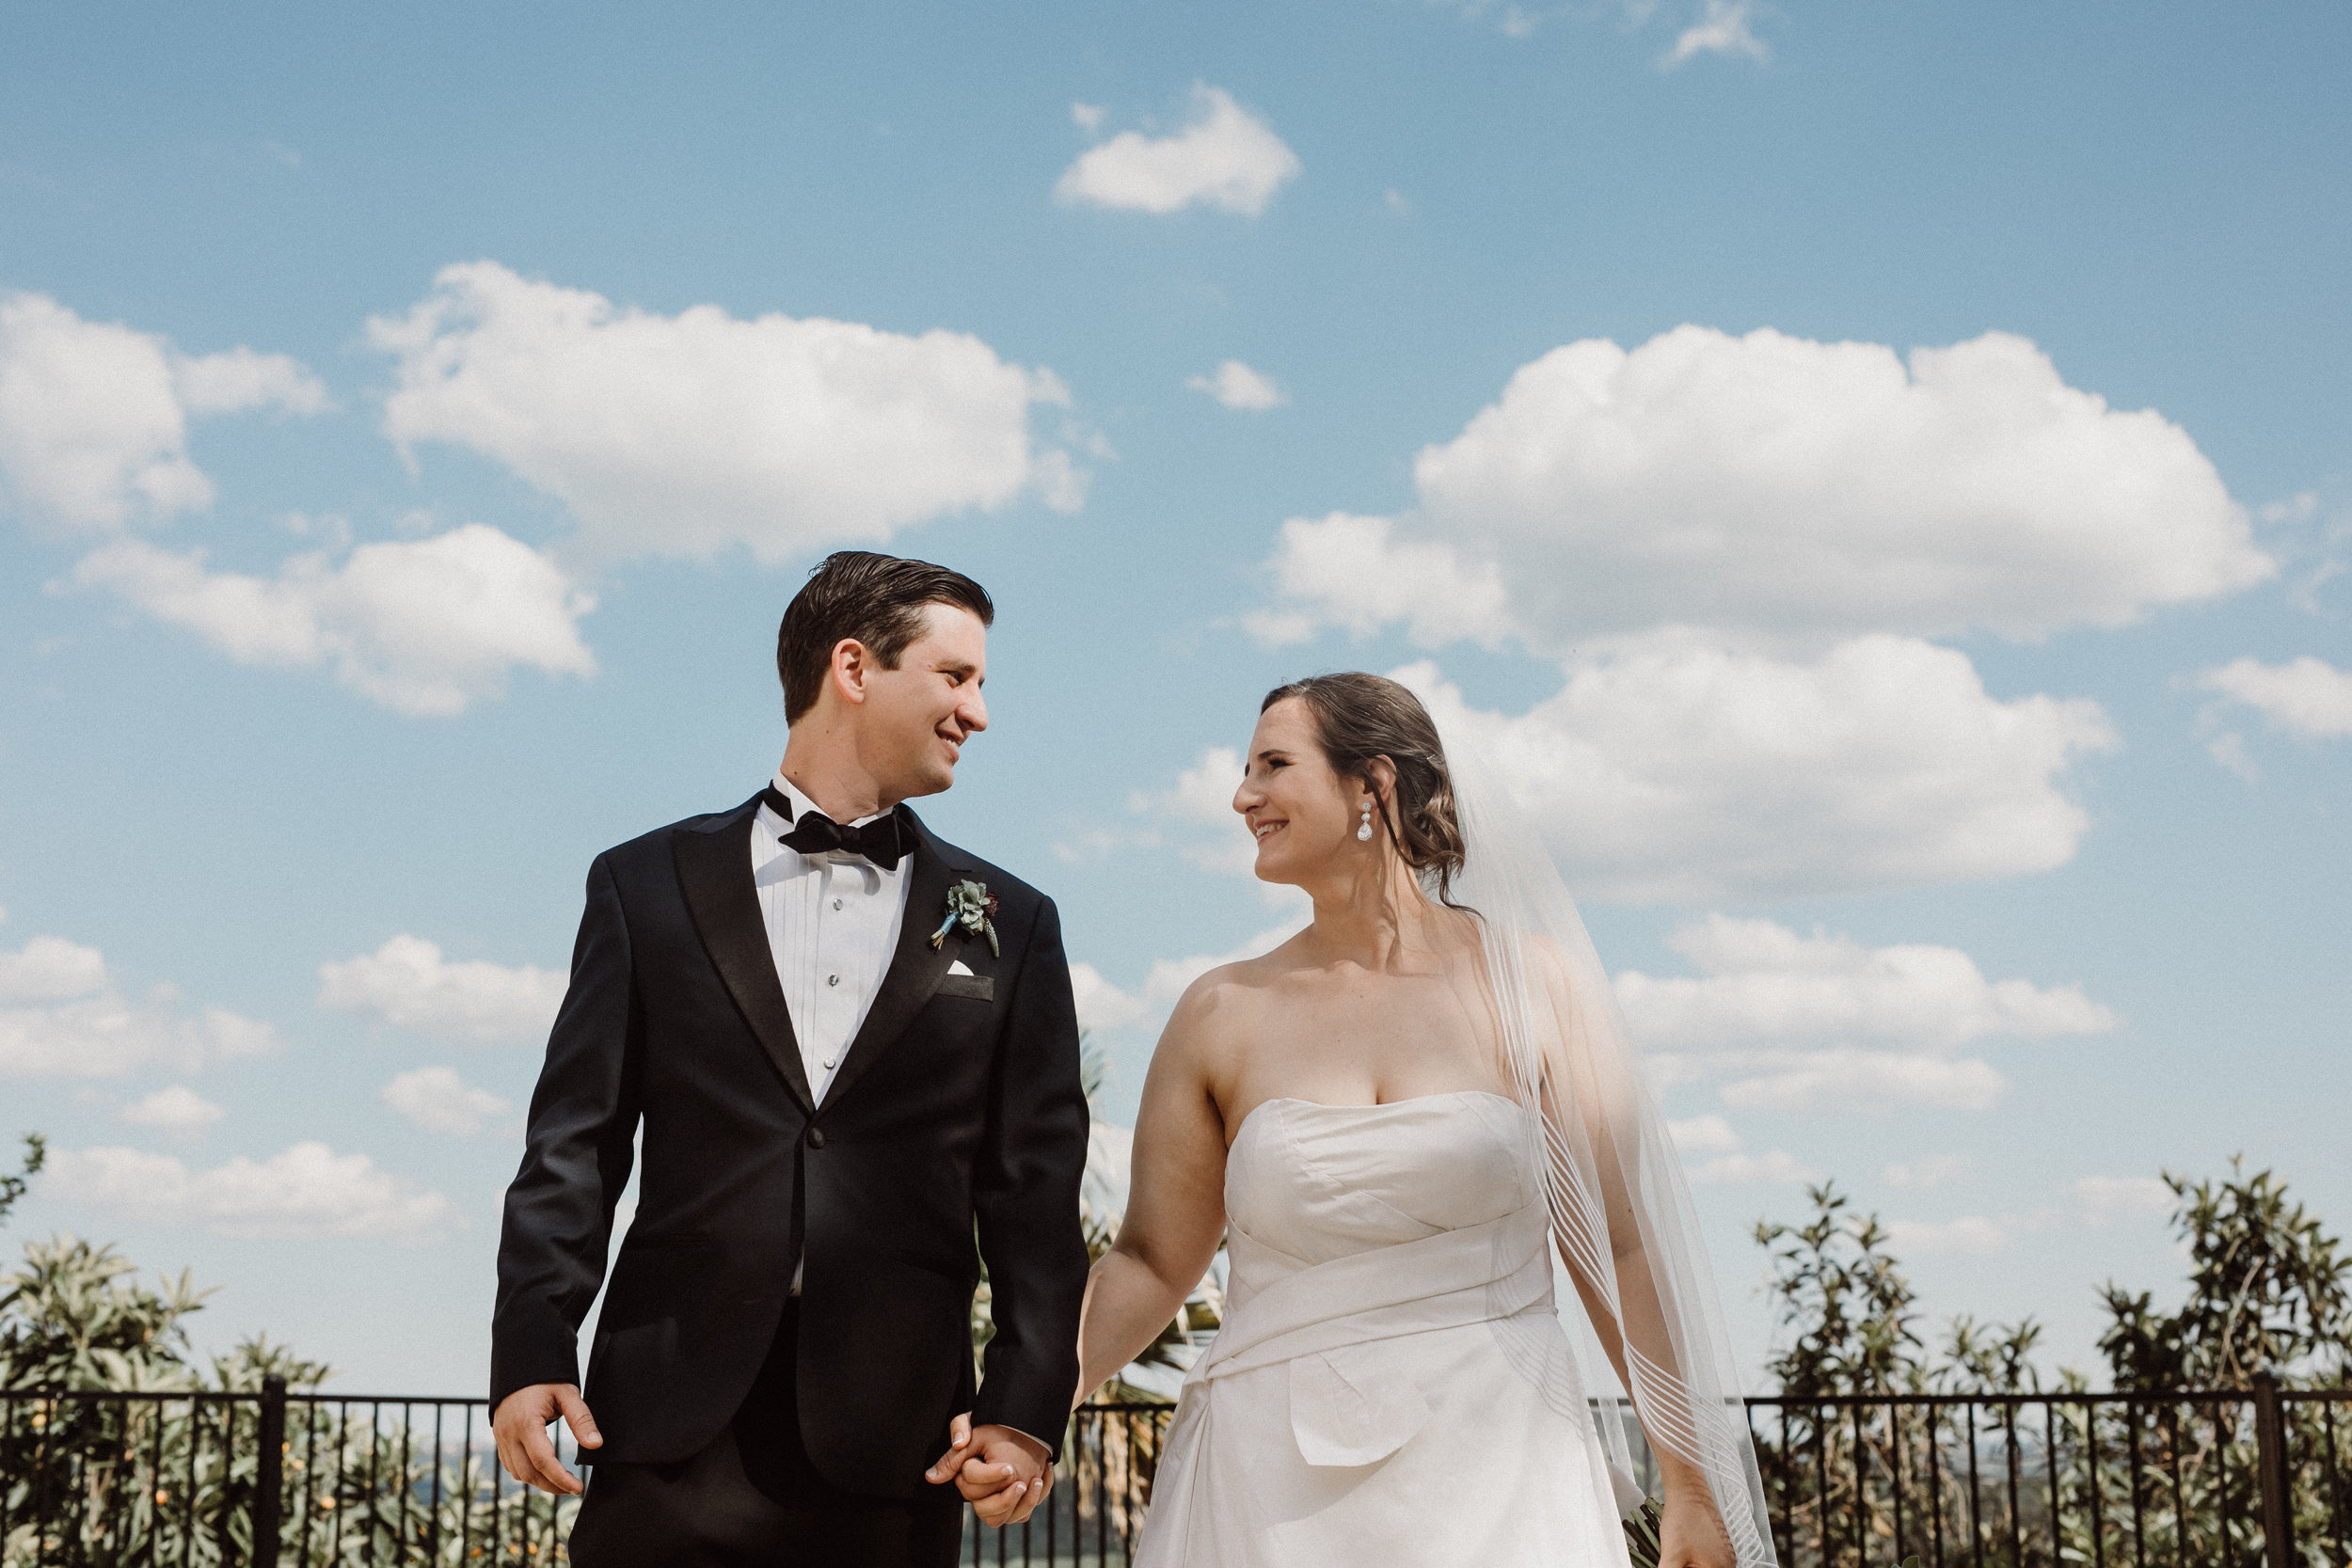 villa-antonia-wedding-JT (434 of 818).jpg